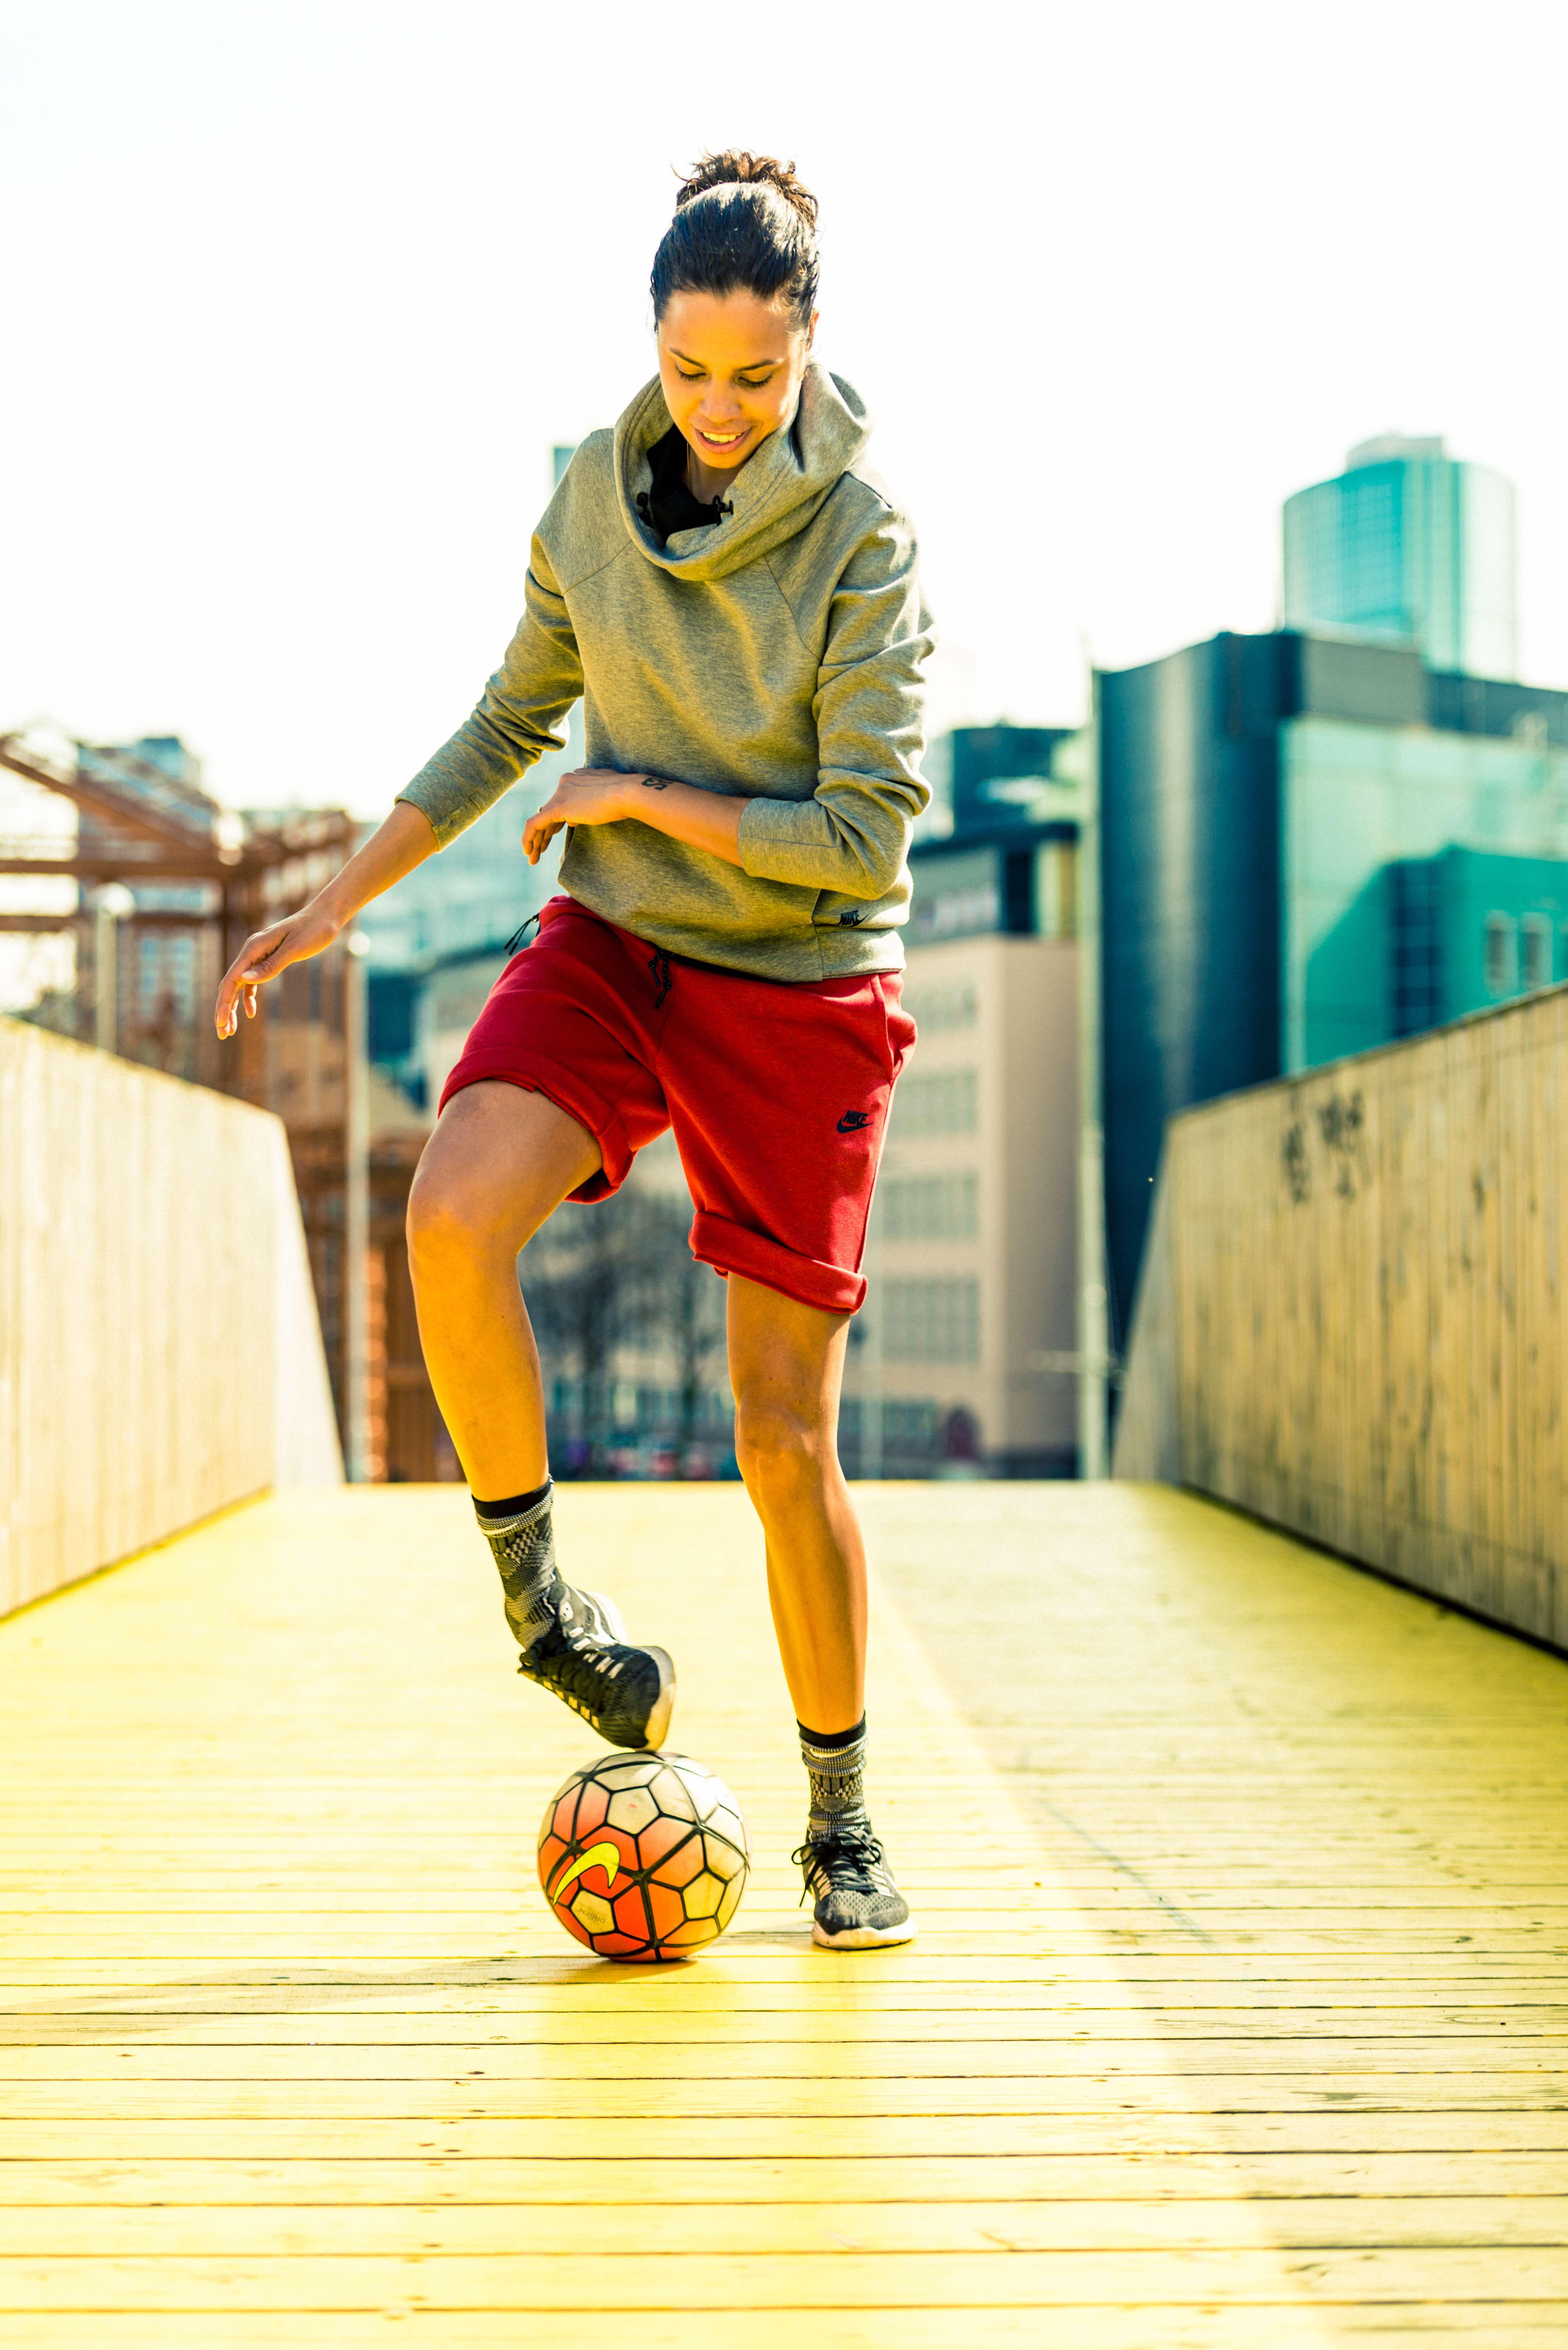 Rocky is de eerste vrouwelijke straatvoetballer in FIFA